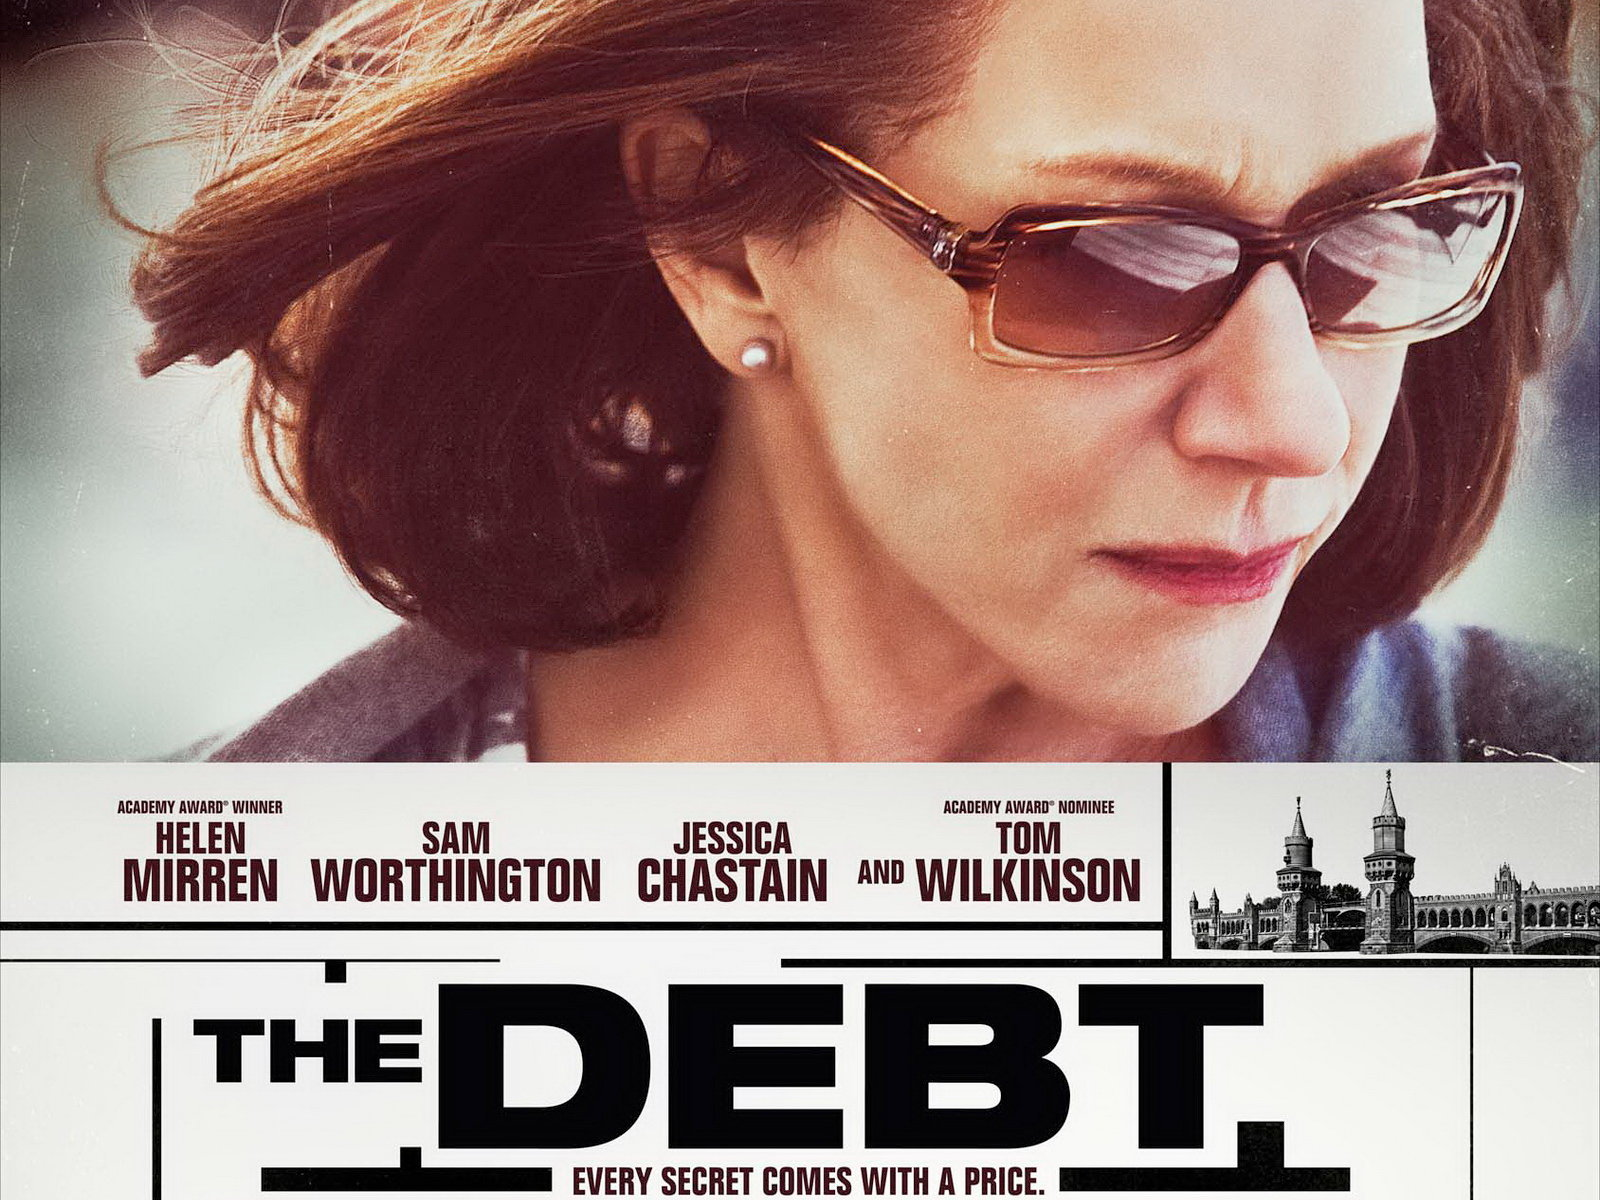 http://1.bp.blogspot.com/-vkAEYu7v0kM/TwfT7Wps8uI/AAAAAAAAD-s/jOLzvf-tC18/s1600/The-Debt-Wallpaper-01.jpg